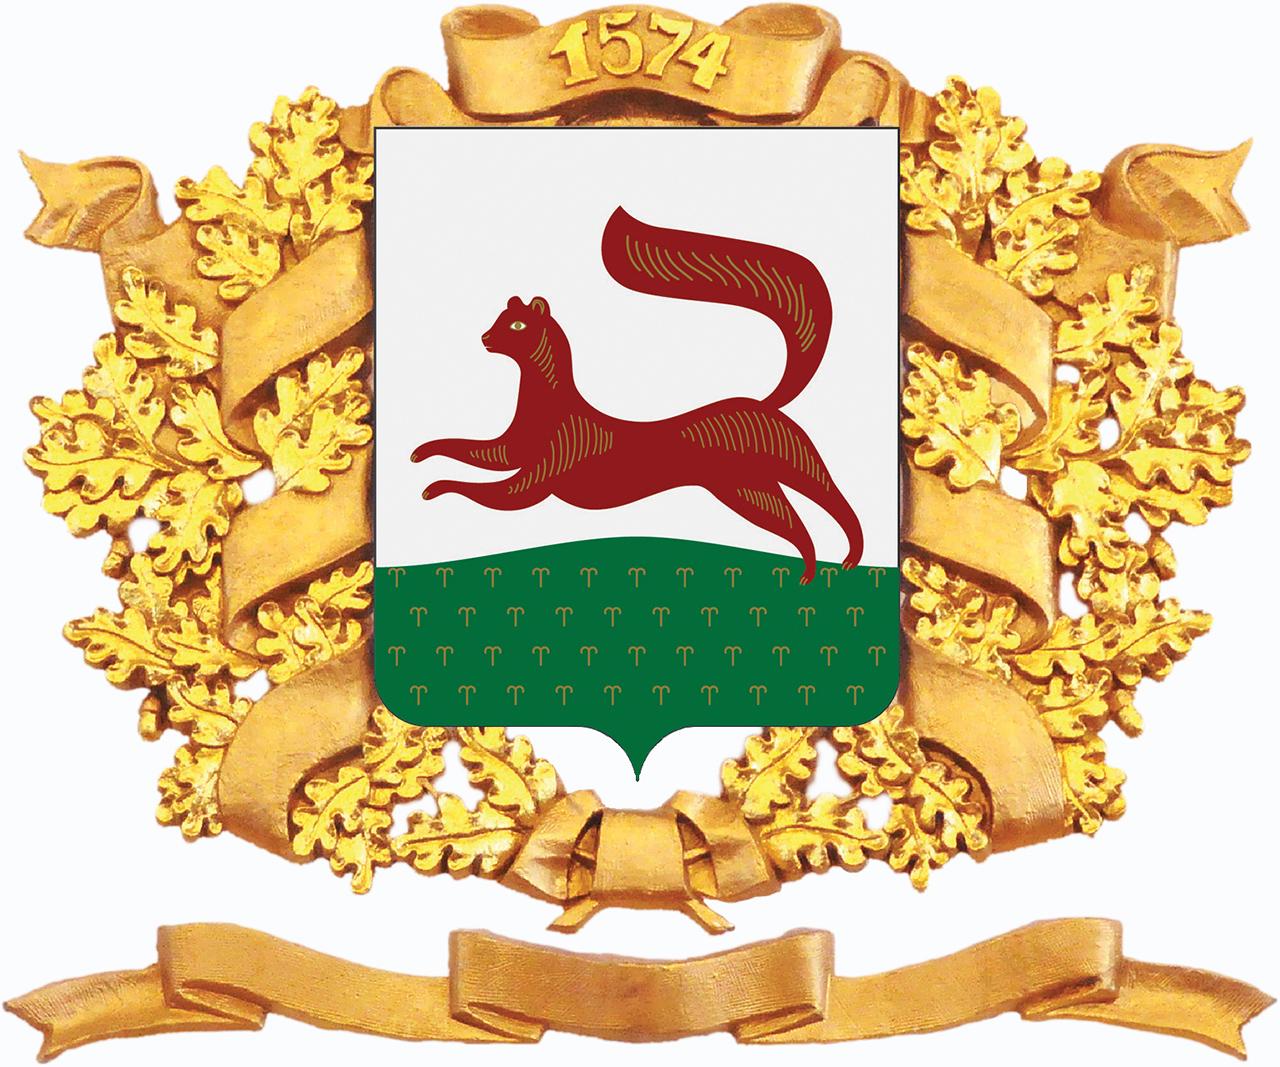 Администрация городского округа город Уфа Республики Башкортостан